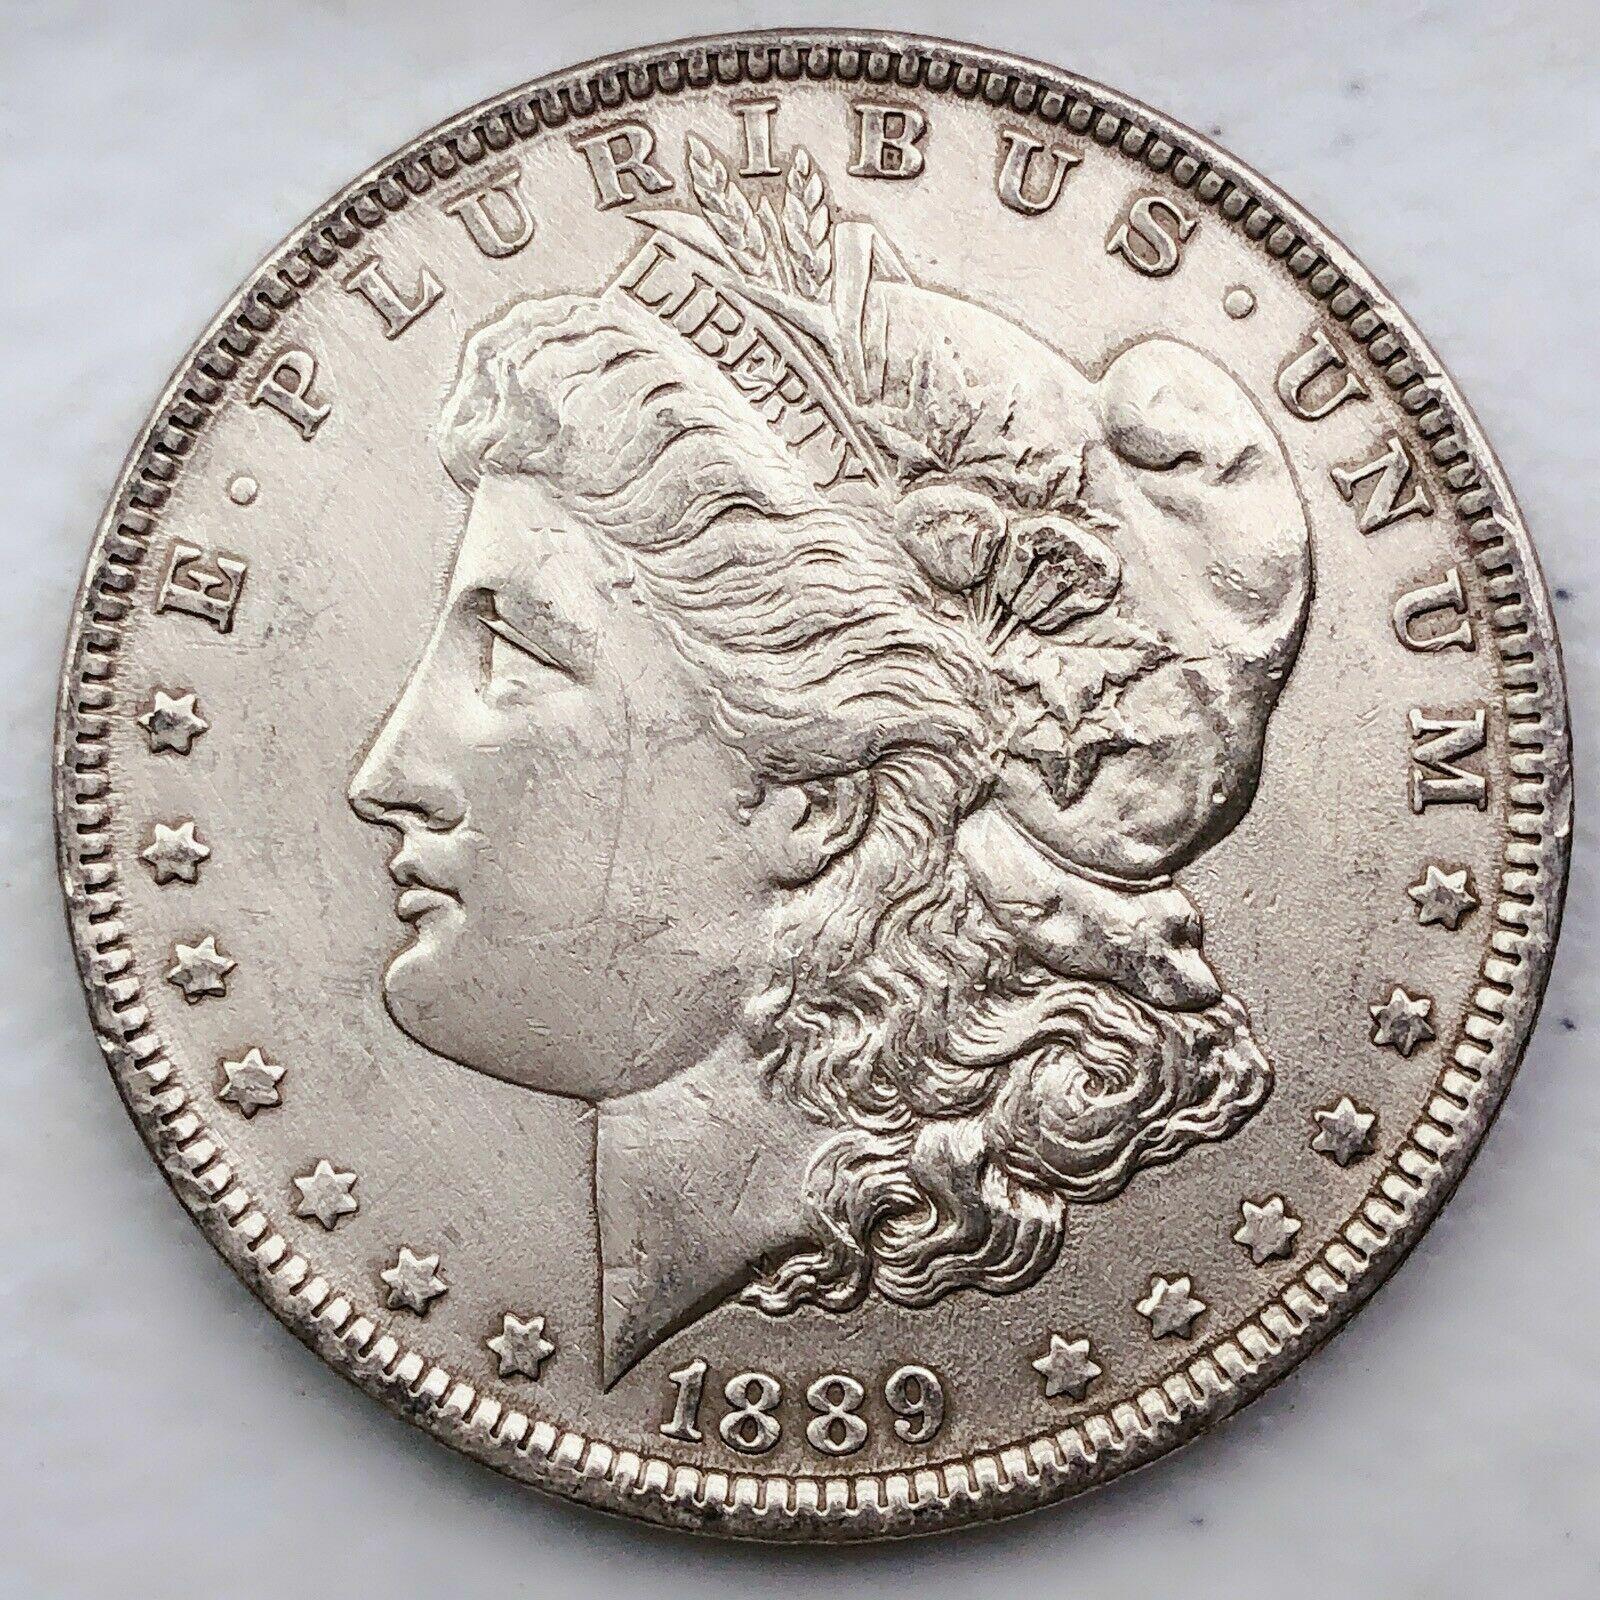 1889 Morgan Silver Dollar AU Free Shipping 1003 - $7.50